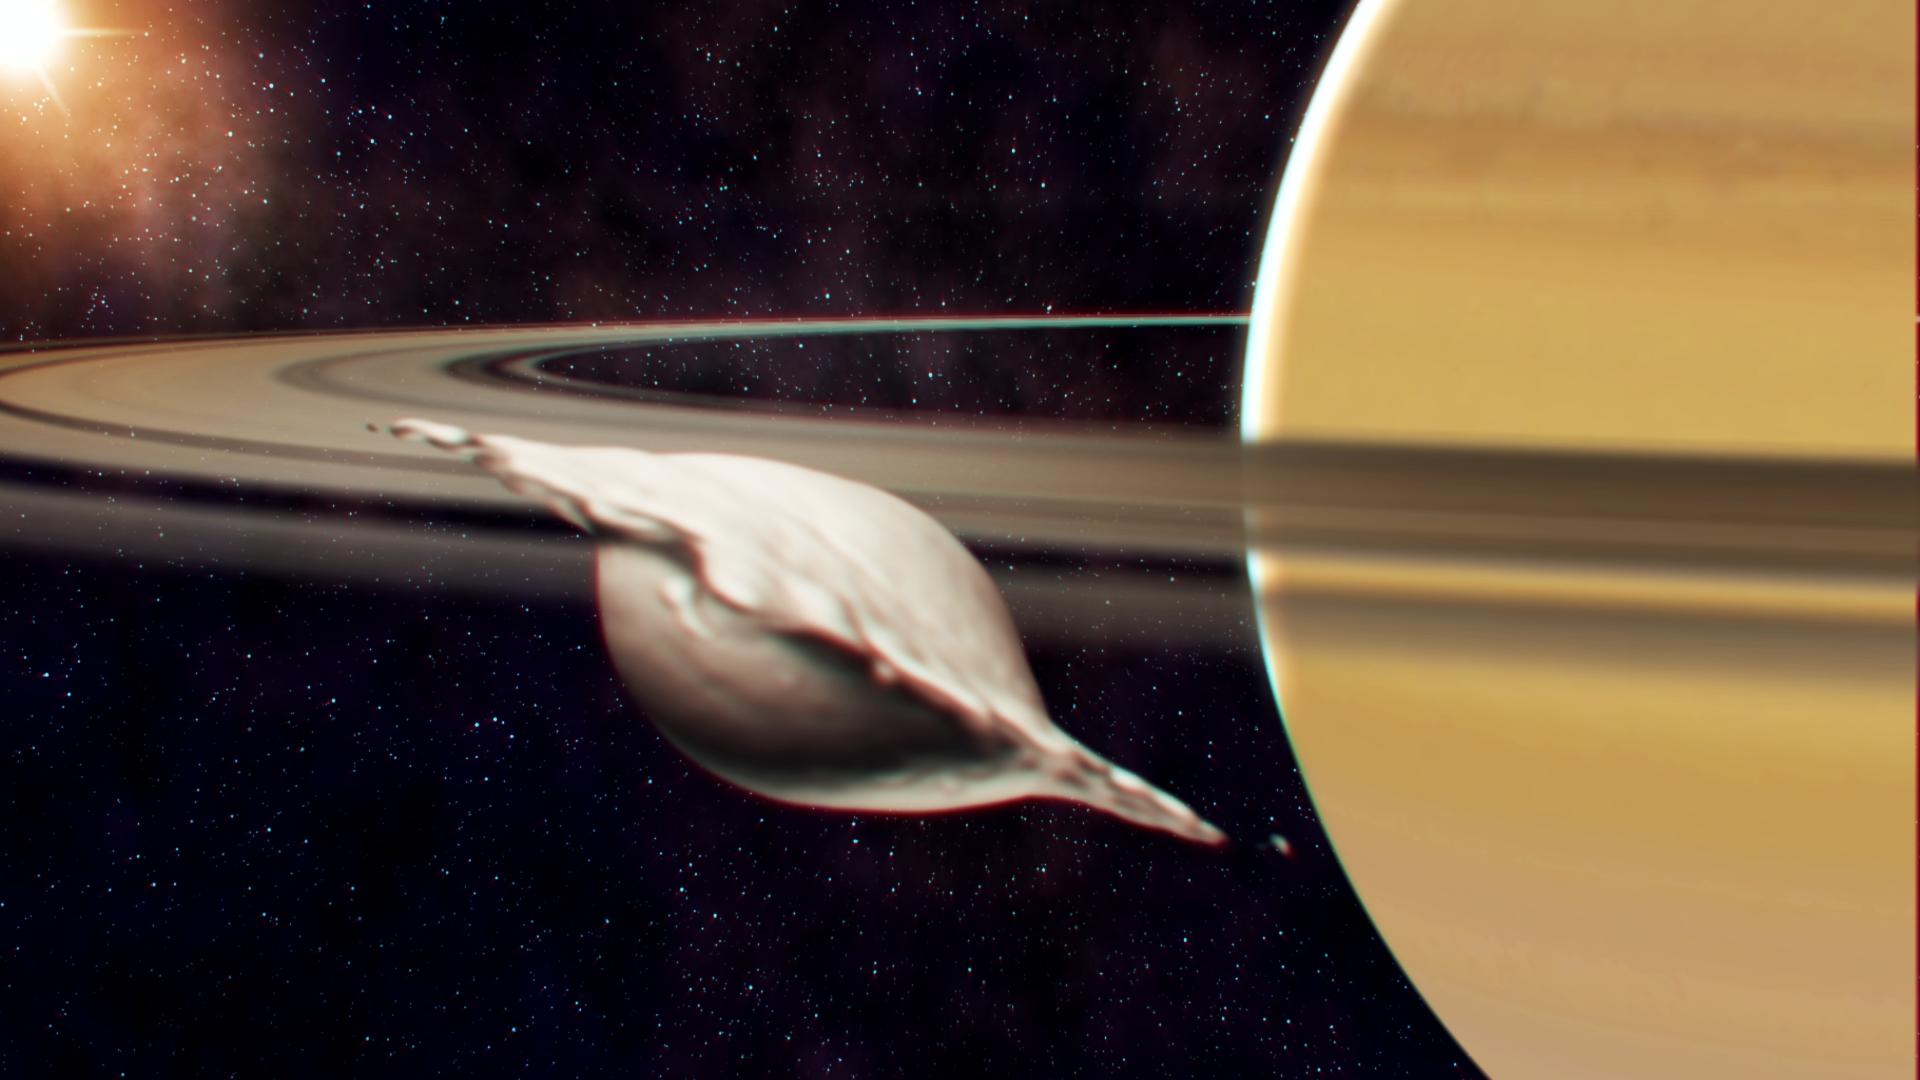 Entstehung von Atlas, einem der kleinen, inneren Monde des Saturns. Seine flache, ravioliartige Form kam bei der Kollision und Verschmelzung zweier gleich grosser Körper zustande. Die Illustration zeigt einen Moment, bevor die Neuausrichtung des Mondes aufgrund der Gezeiten abgeschlossen ist. © A. Verdier